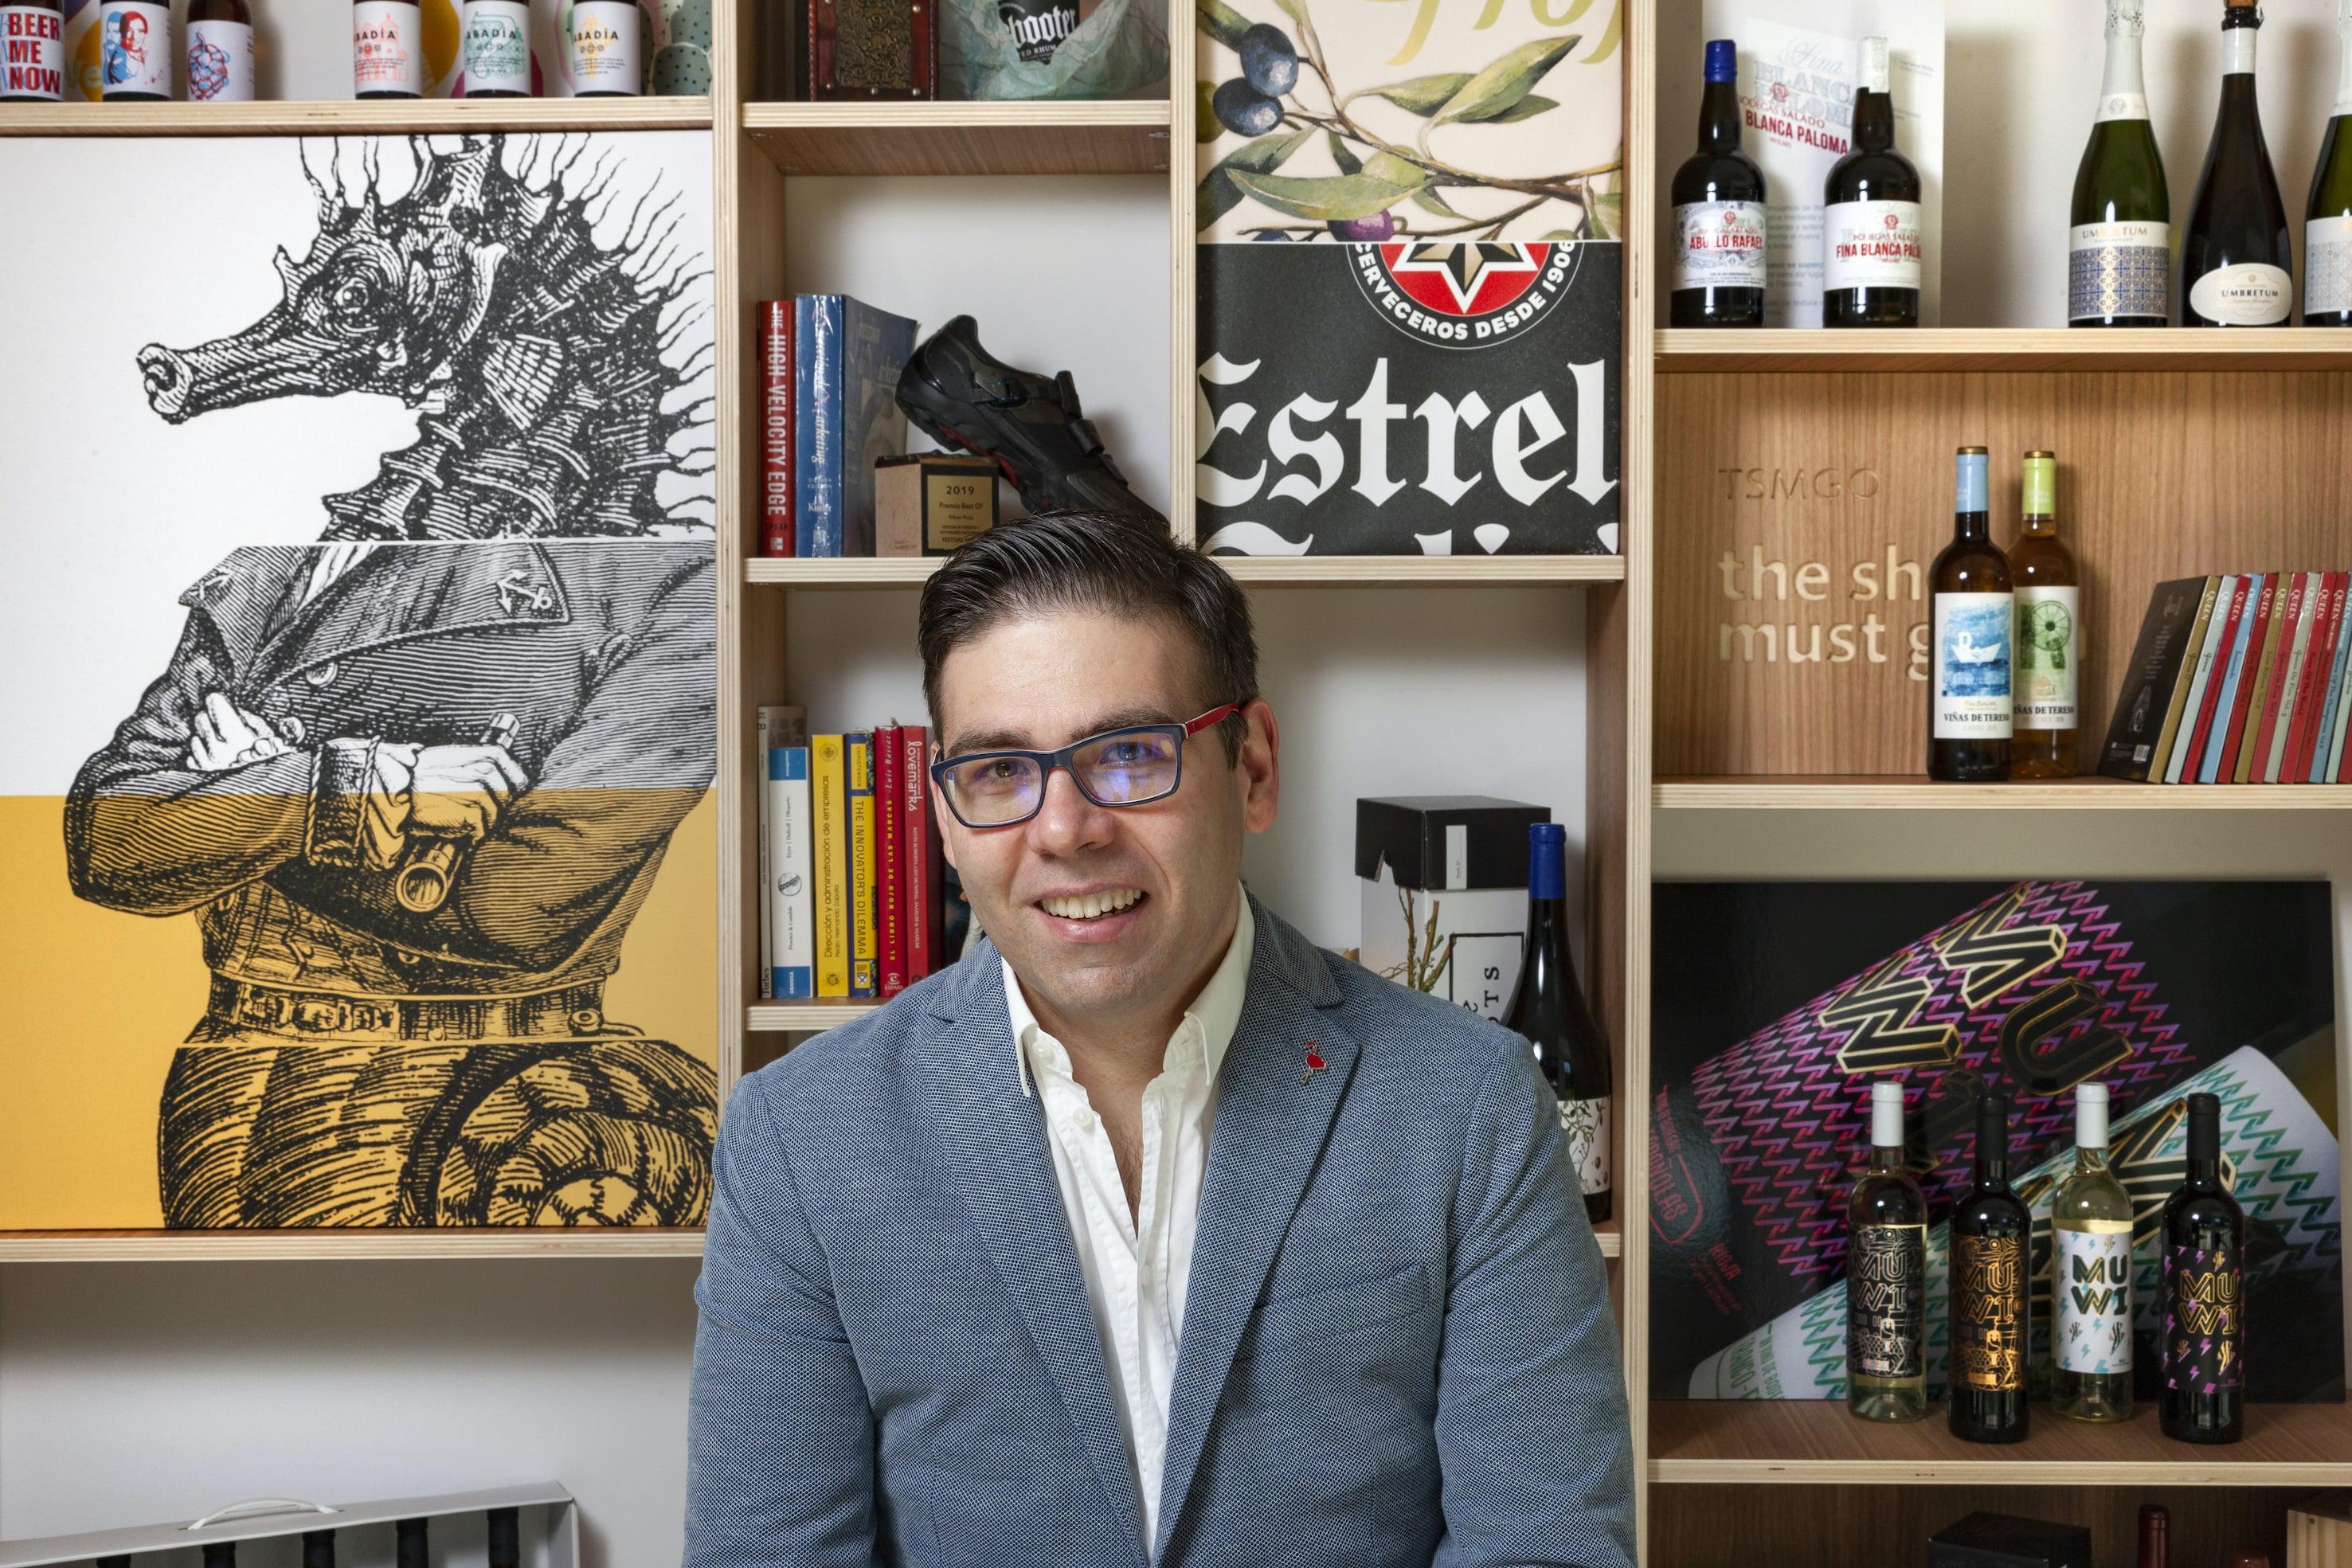 Potencia y define tu marca para alcanzar tus objetivos - Ricardo Moreno, consultor de branding en La Rioja.